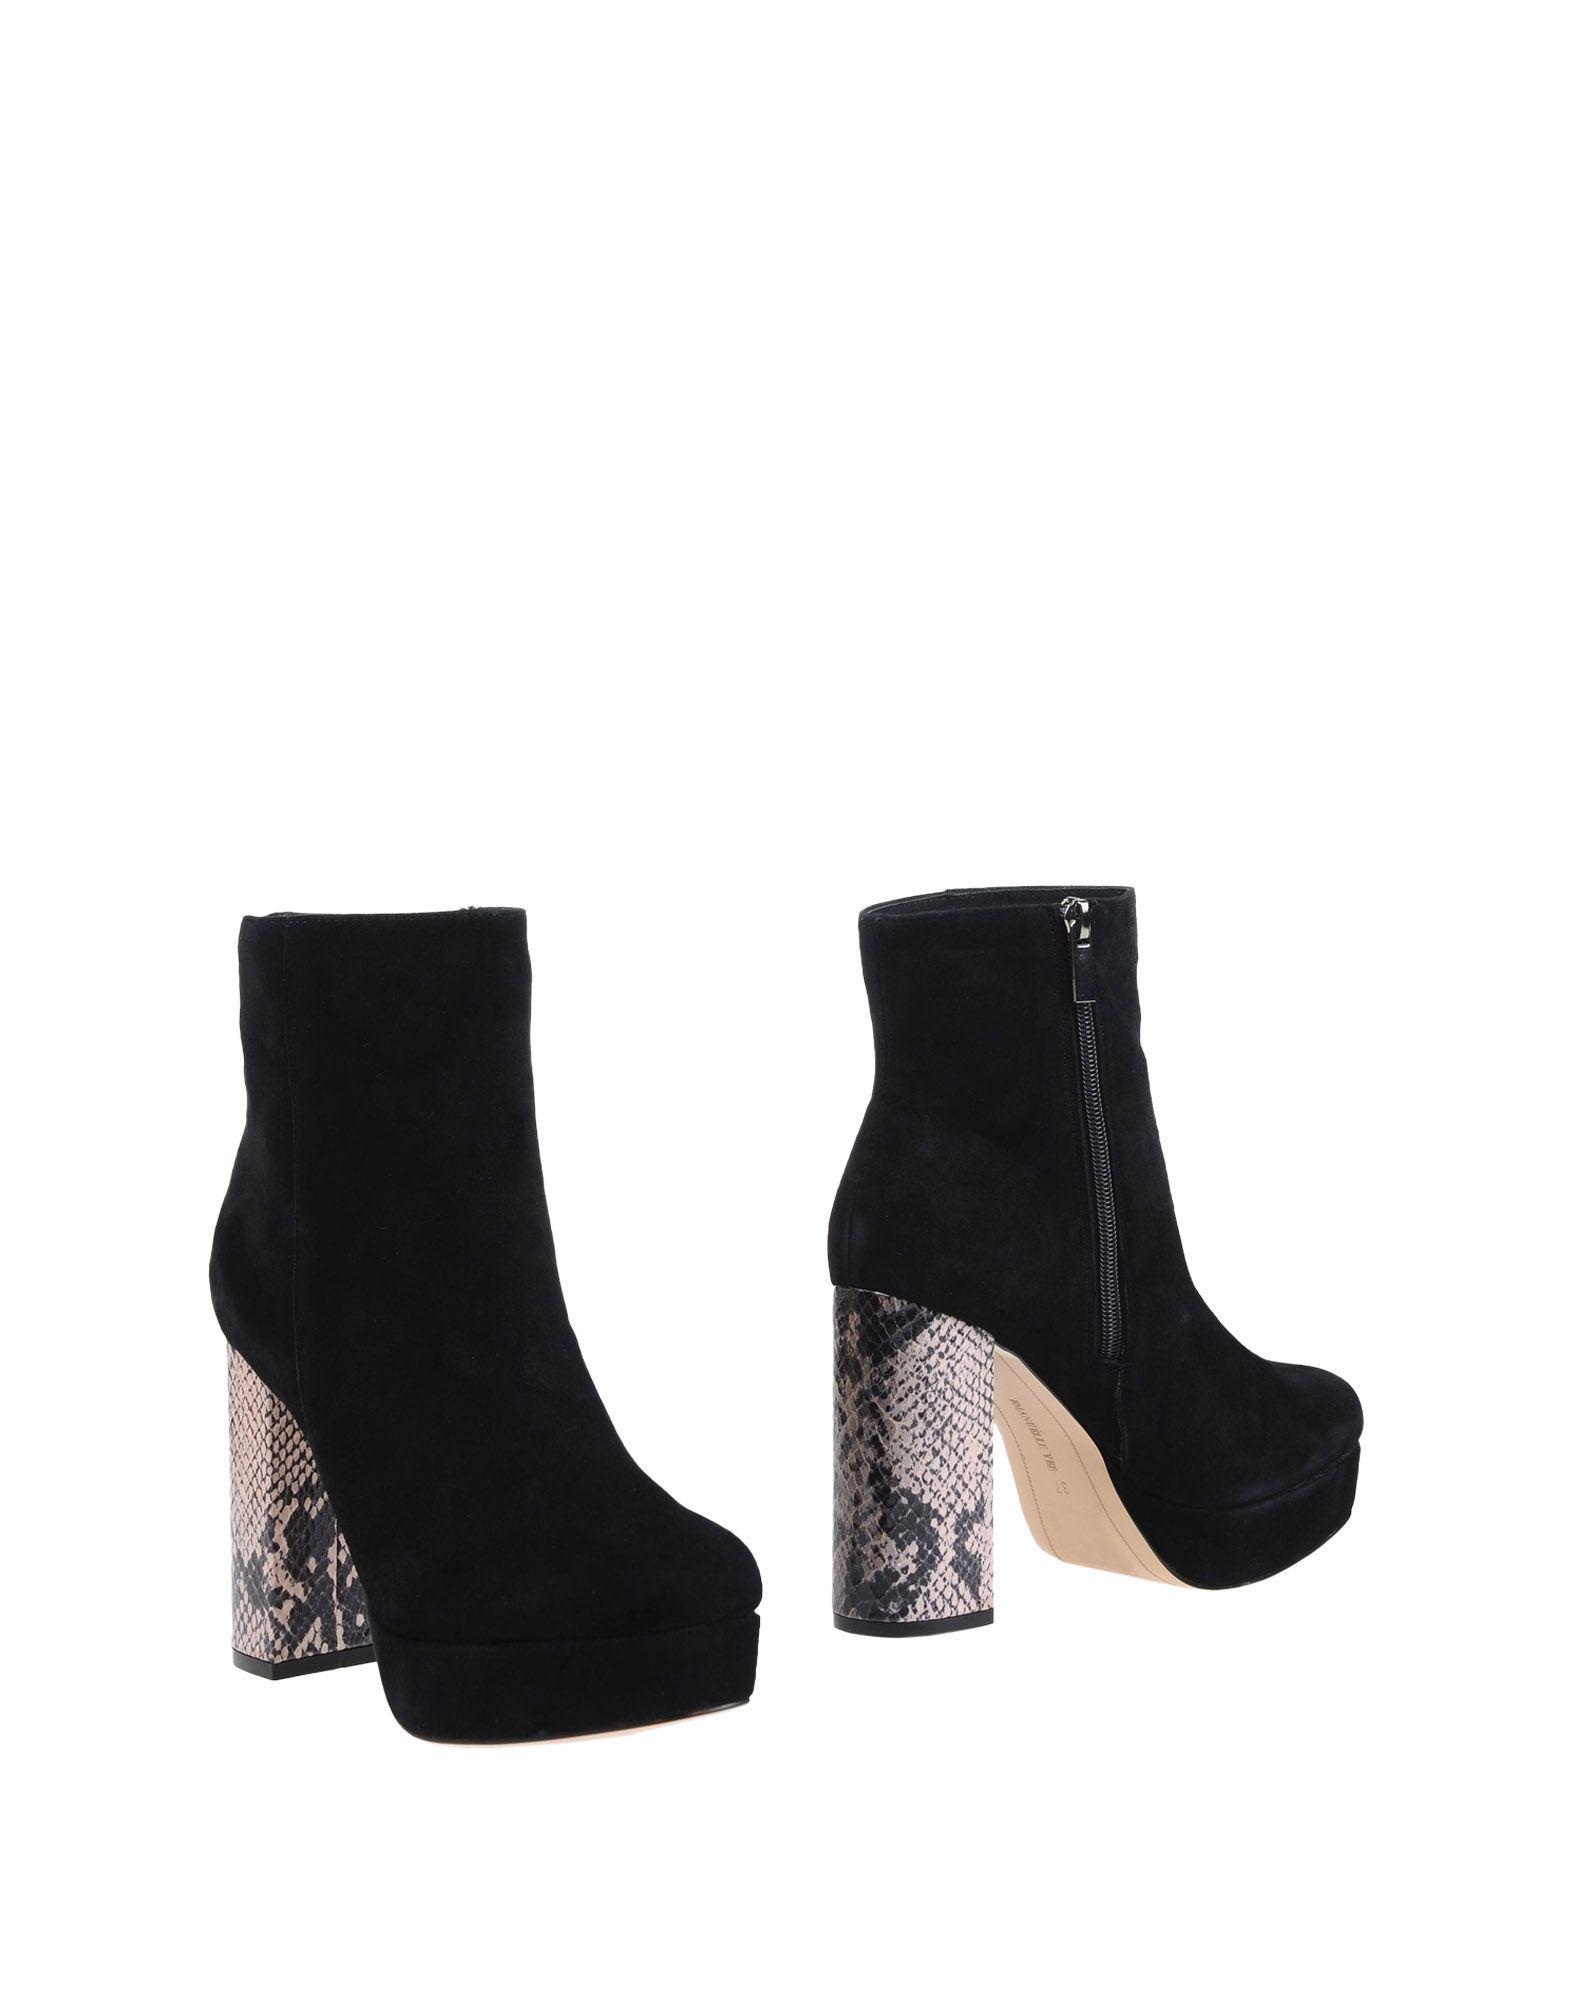 Emanuélle Vee Stiefelette Damen  11266946DB Gute Qualität beliebte Schuhe